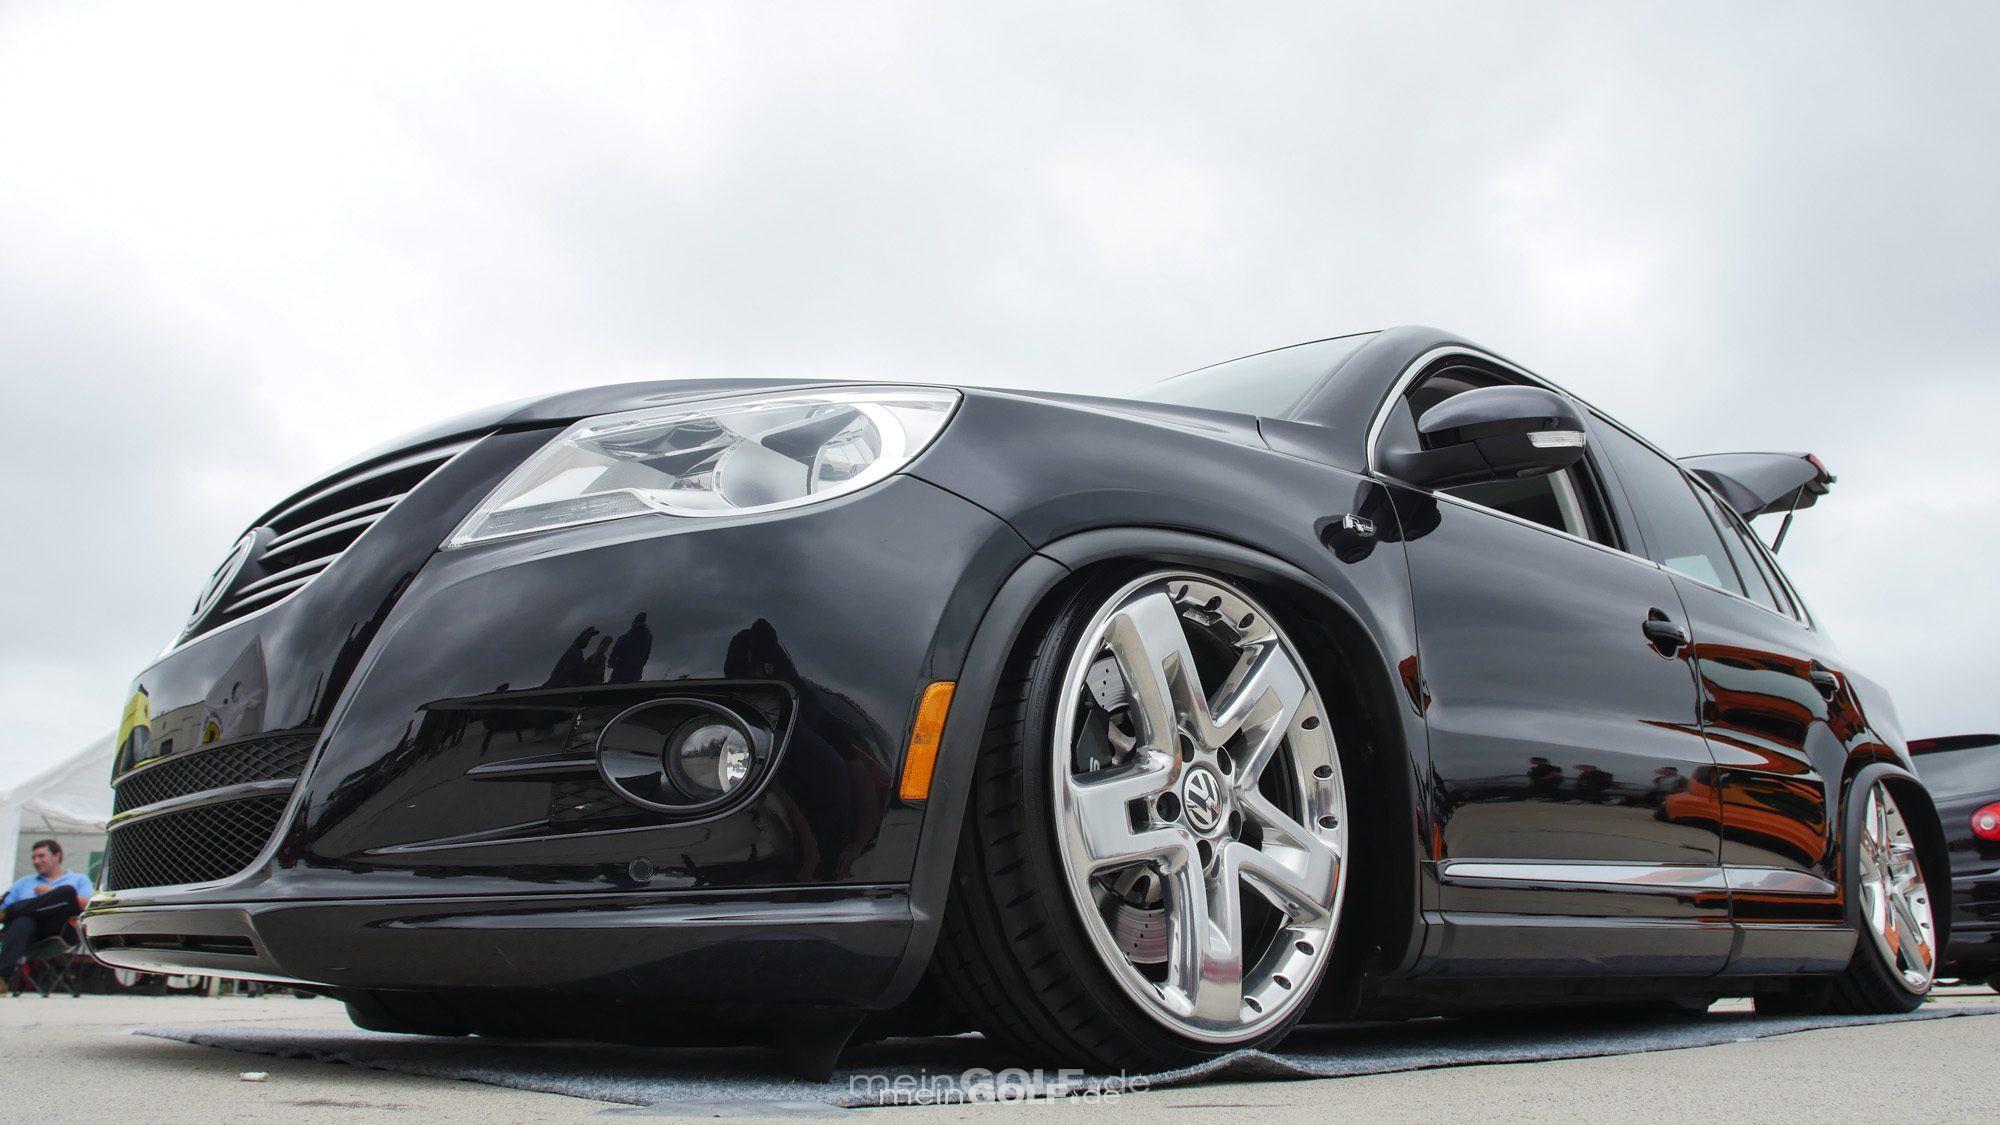 Frontansicht des VW Tiguan